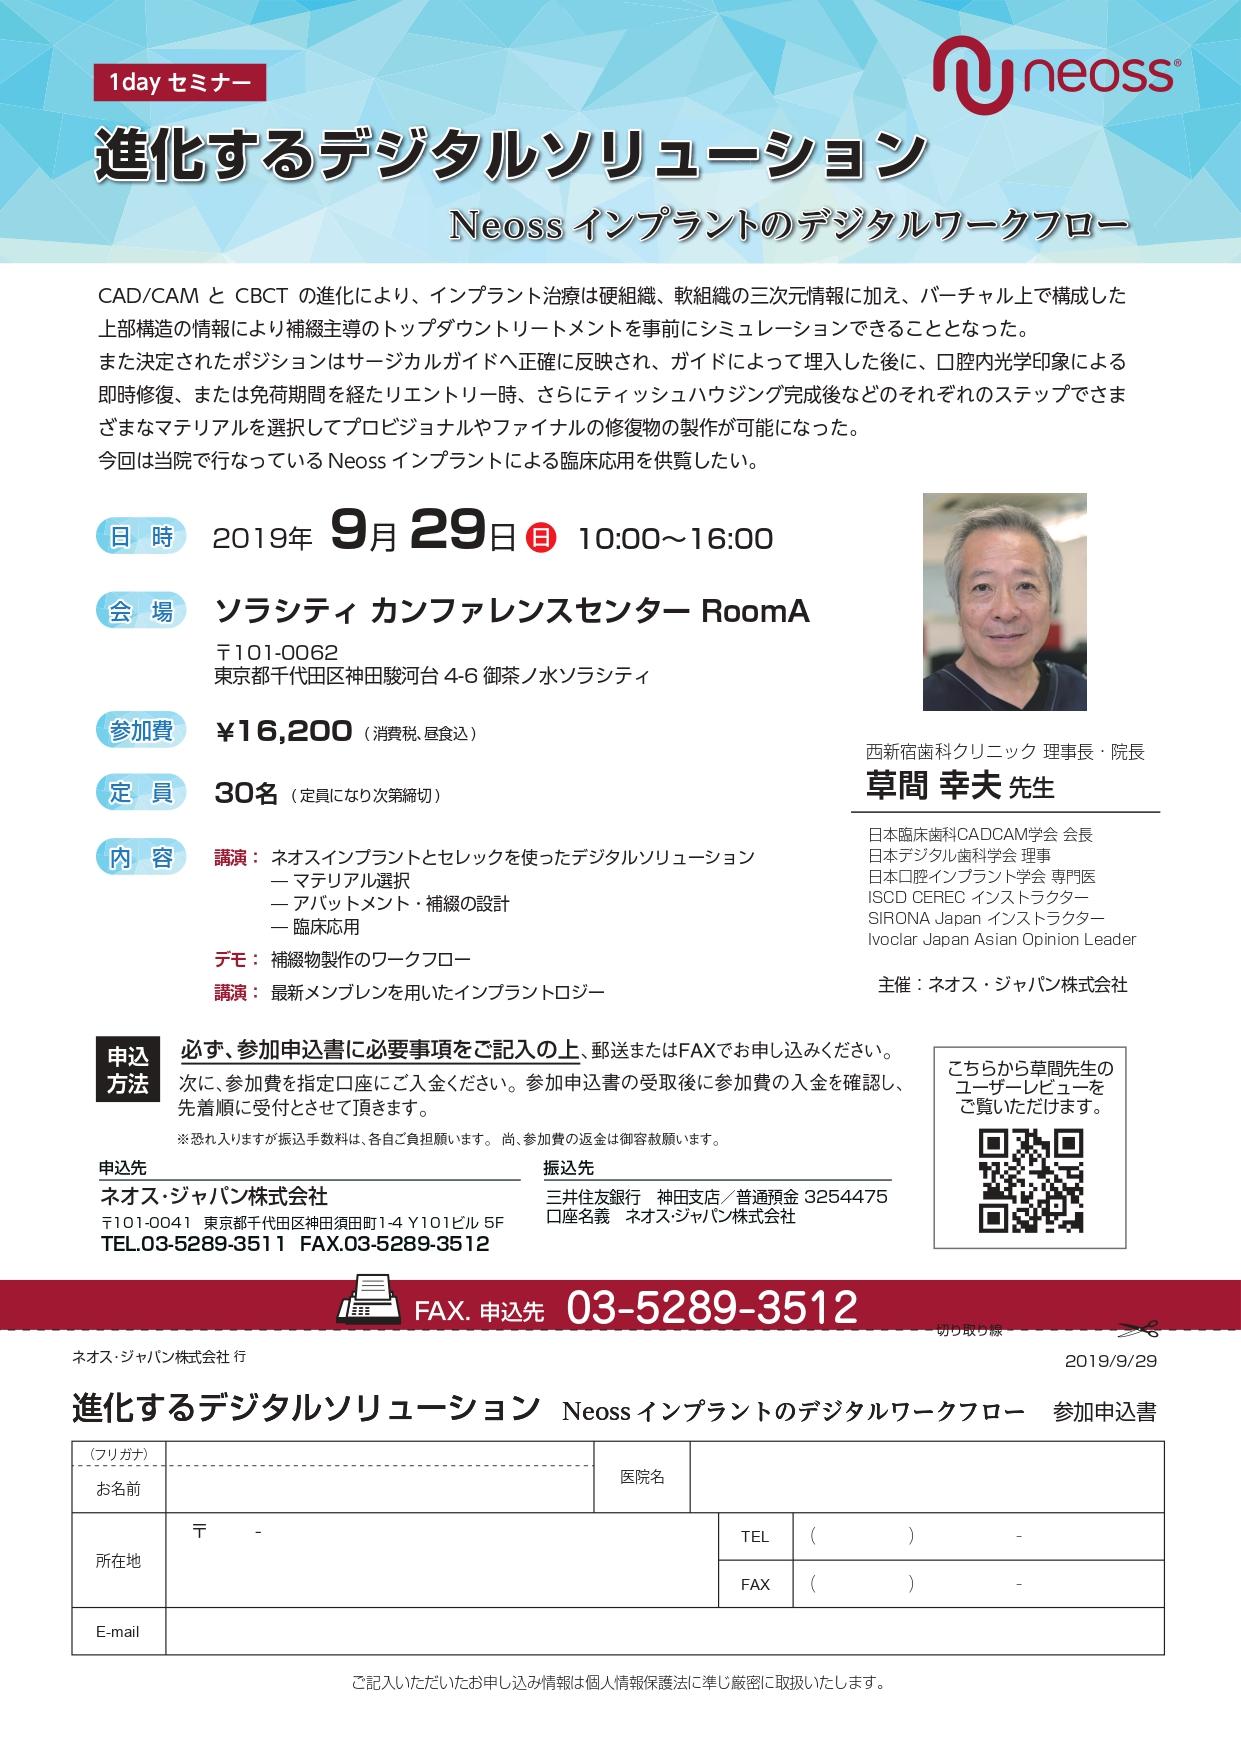 進化するデジタルソリューション ~Neoss インプラントのデジタルワークフロー~【1dayセミナー】